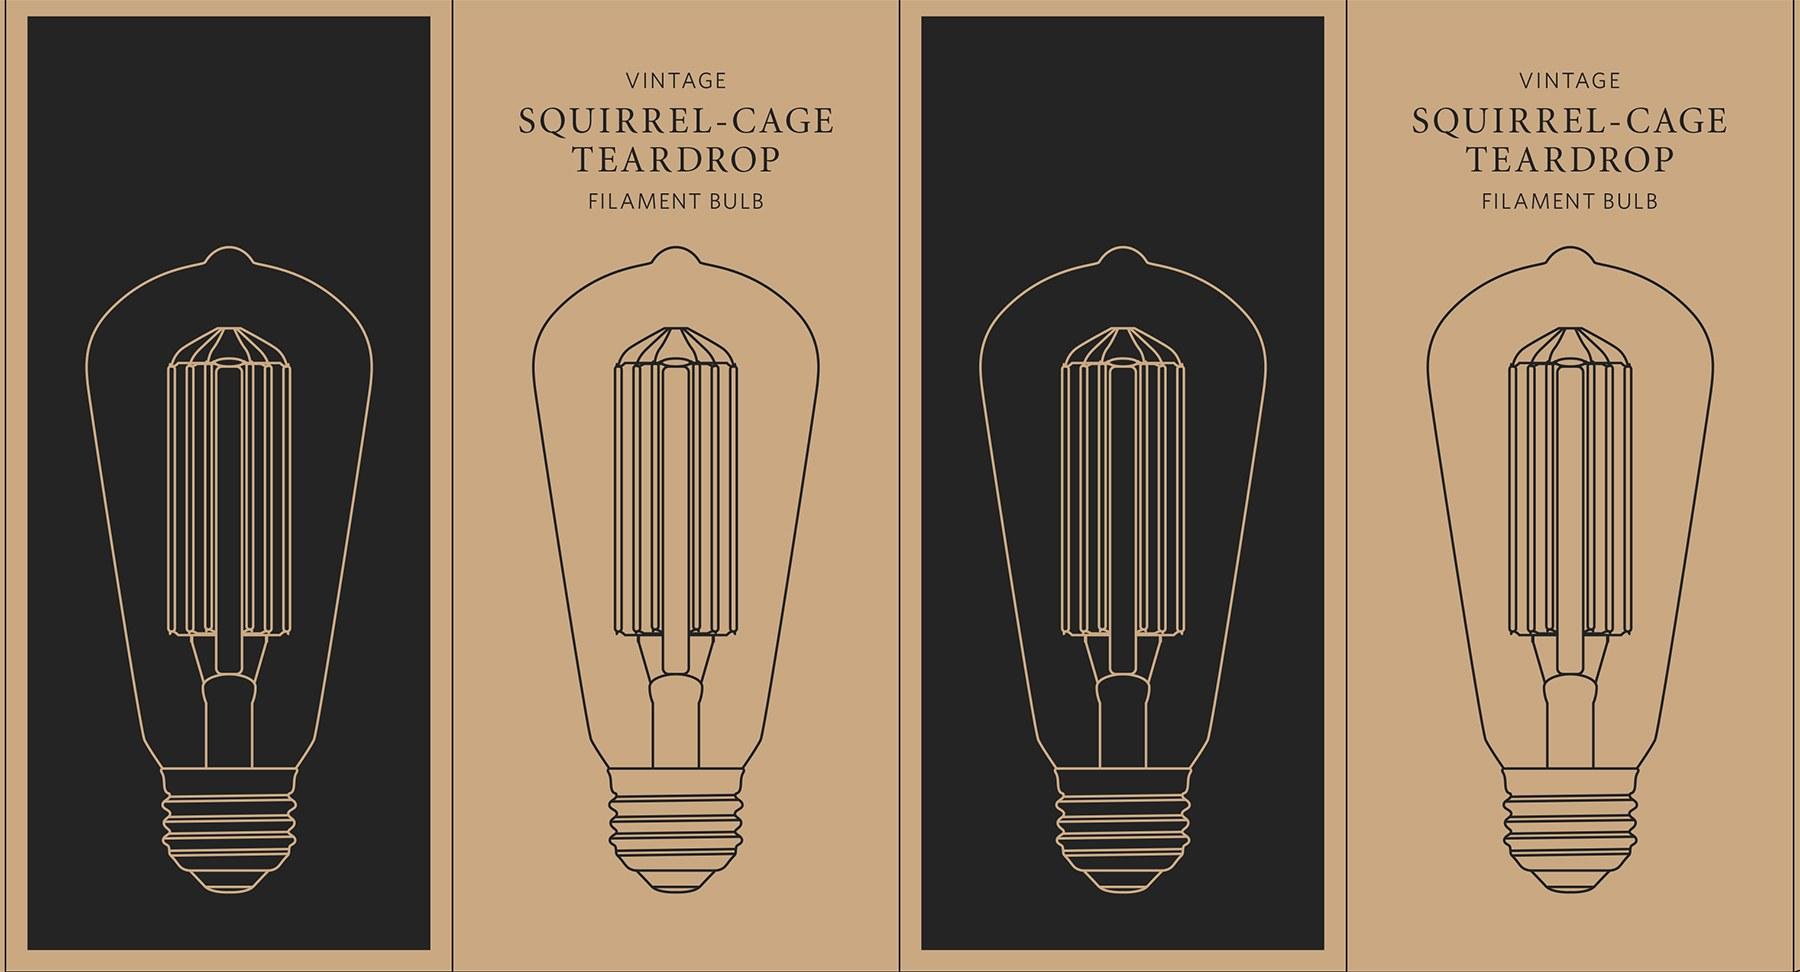 Vintage Squirrel Cage Teardrop Bulb Packaging